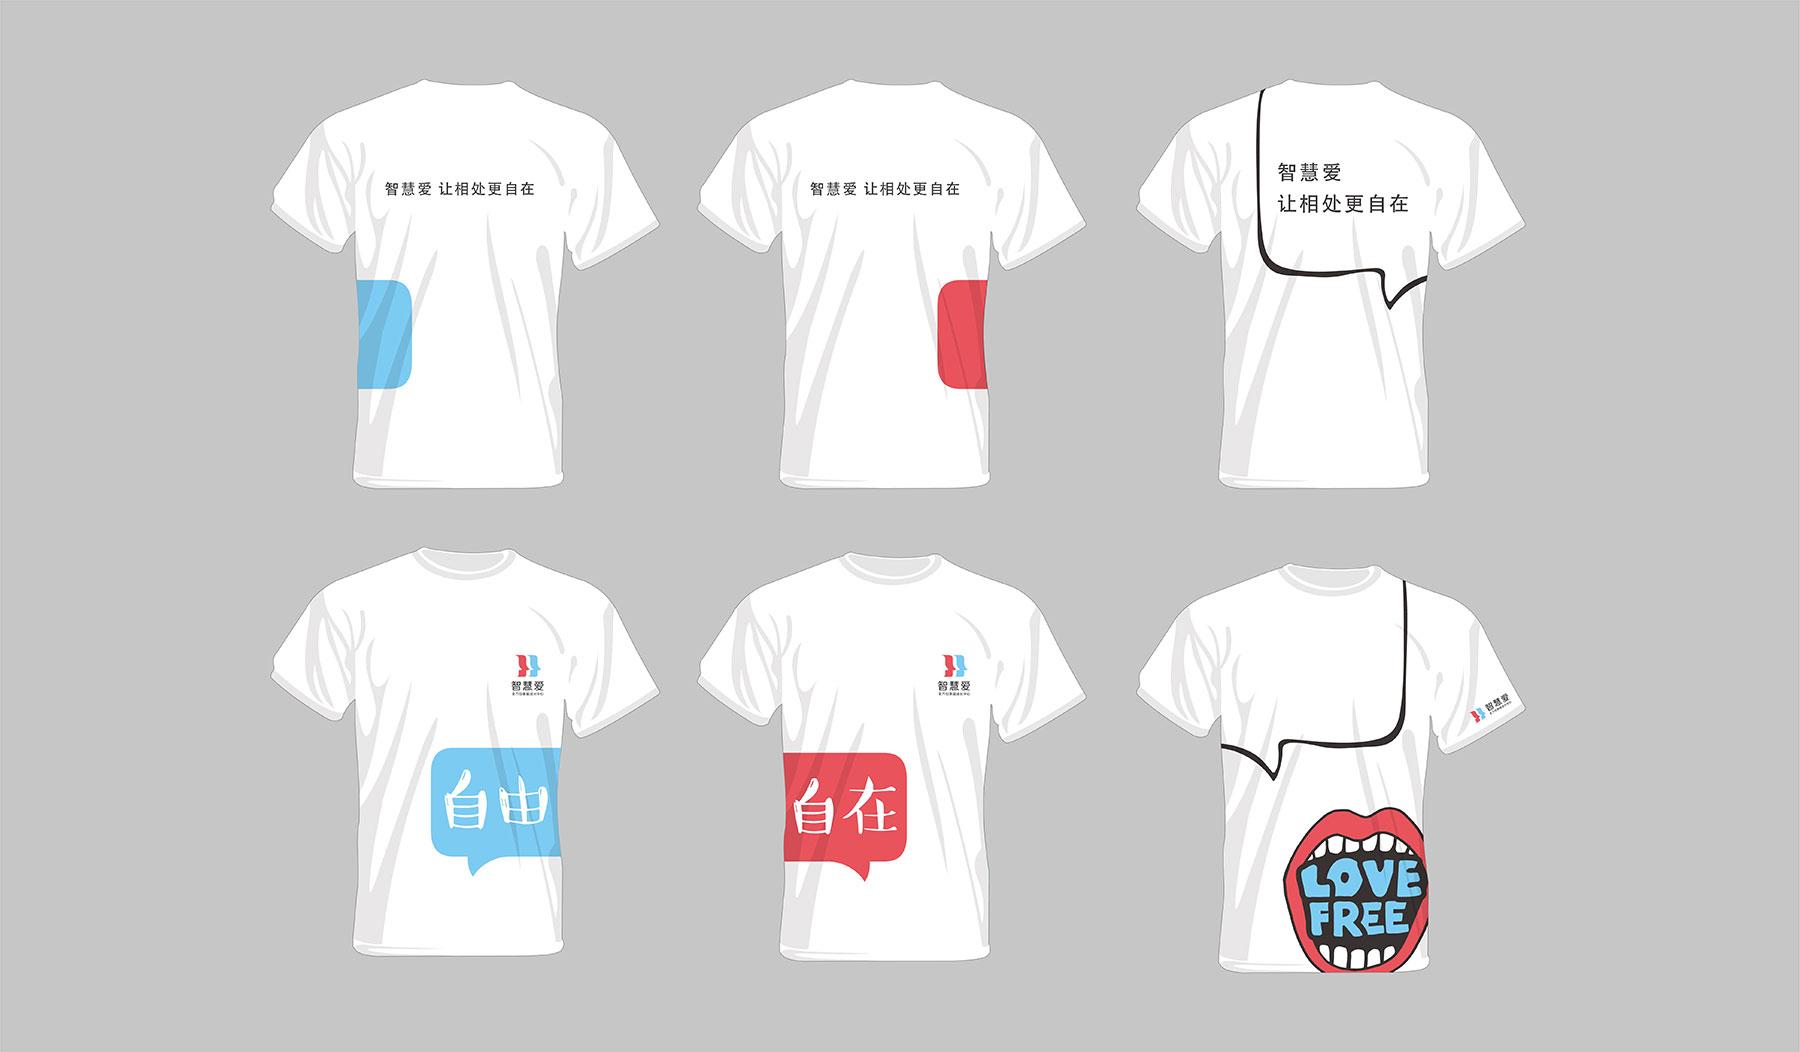 智慧爱全方位家庭成长中心品牌全案升级:文化衫